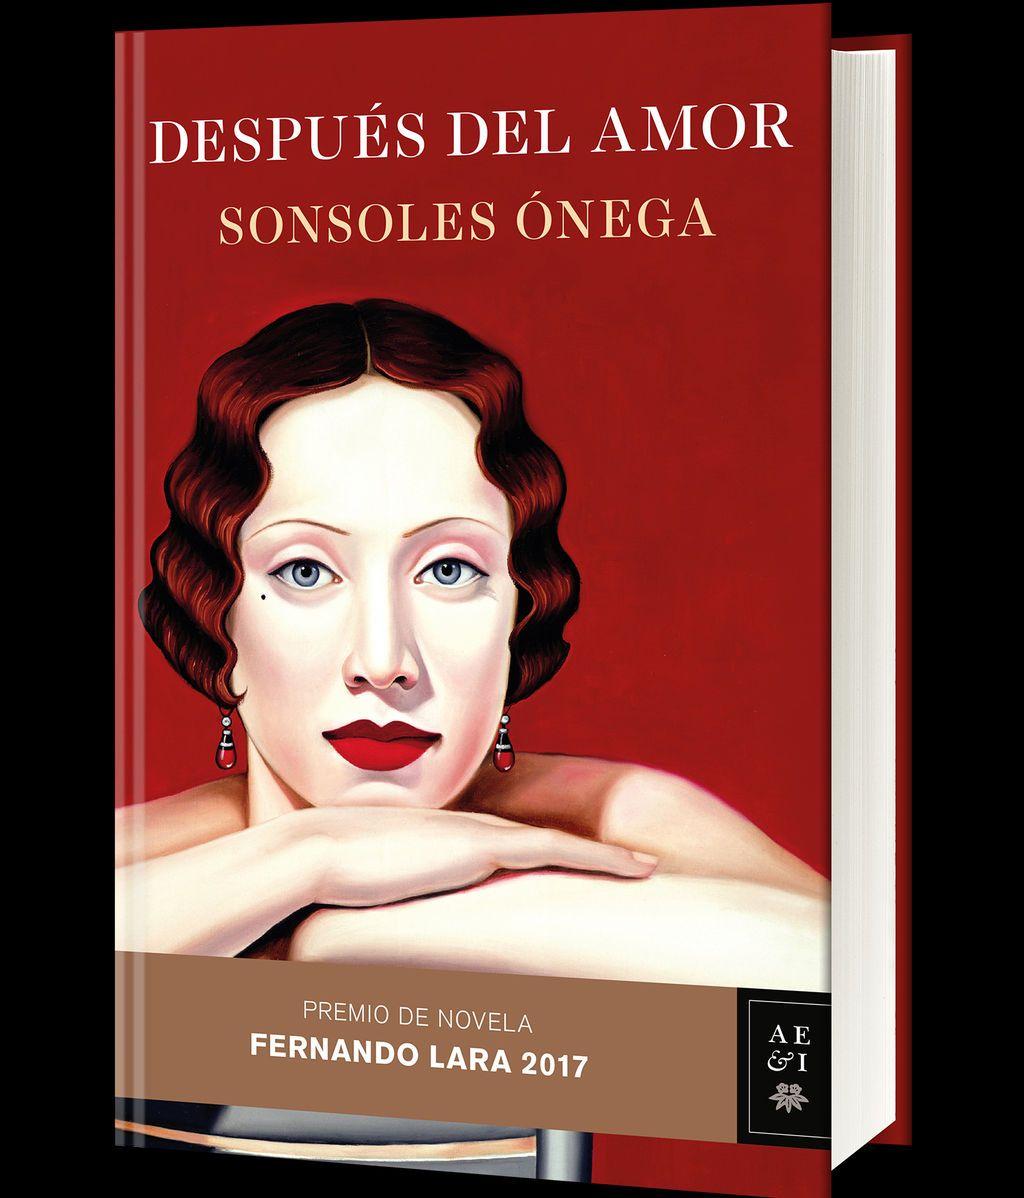 'Después del amor', la última novela de Sonsoles Ónega